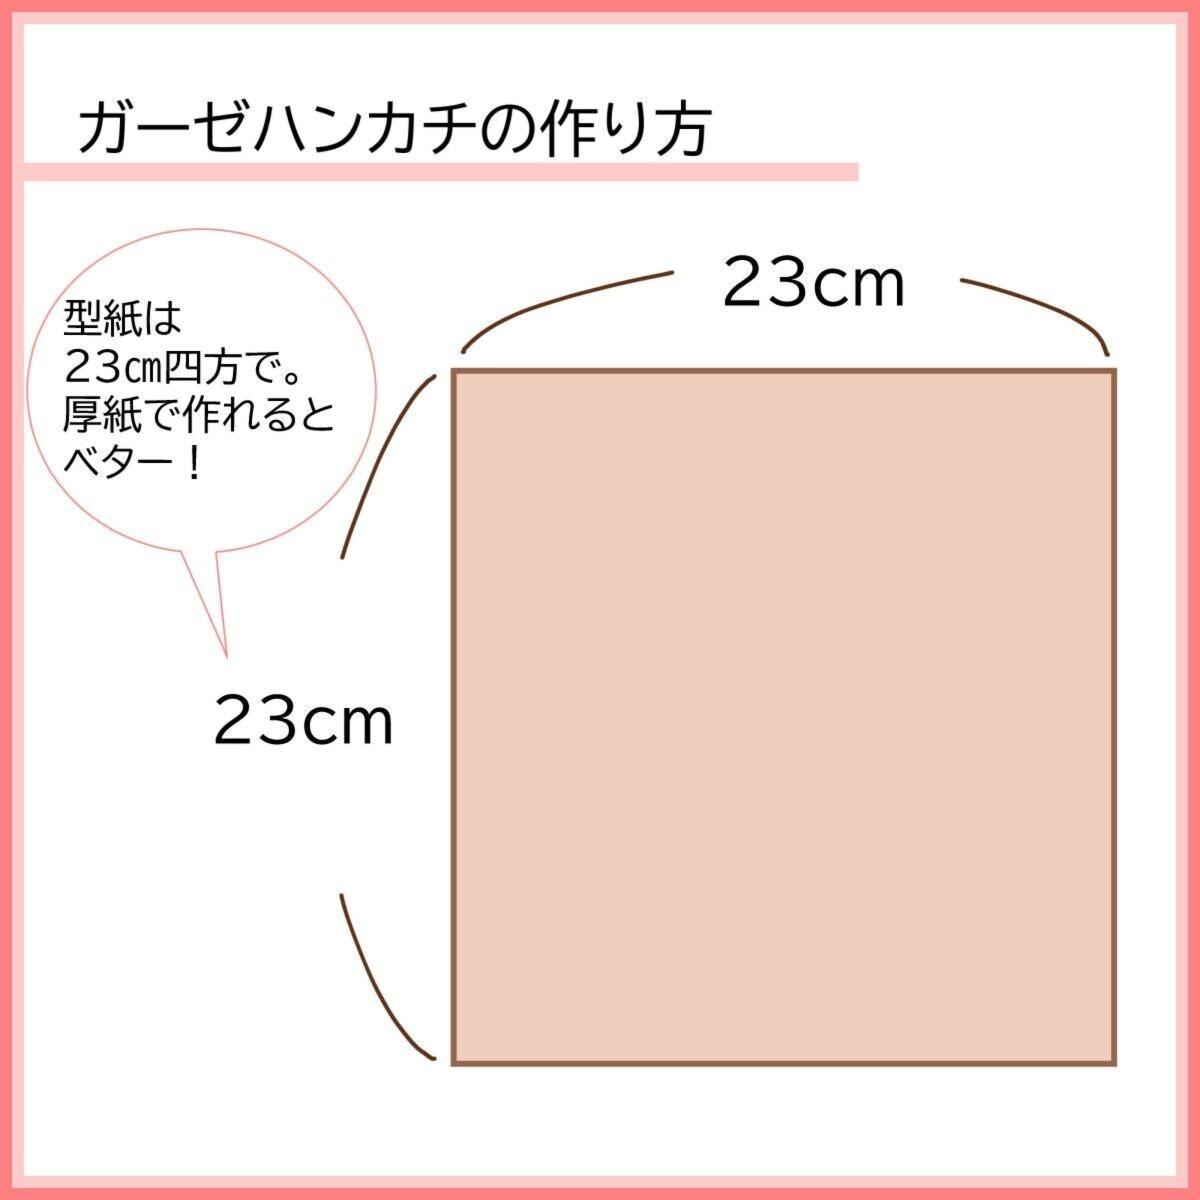 ガーゼハンカチの作り方:型紙はできれば厚紙で、23センチ四方の正方形にカット